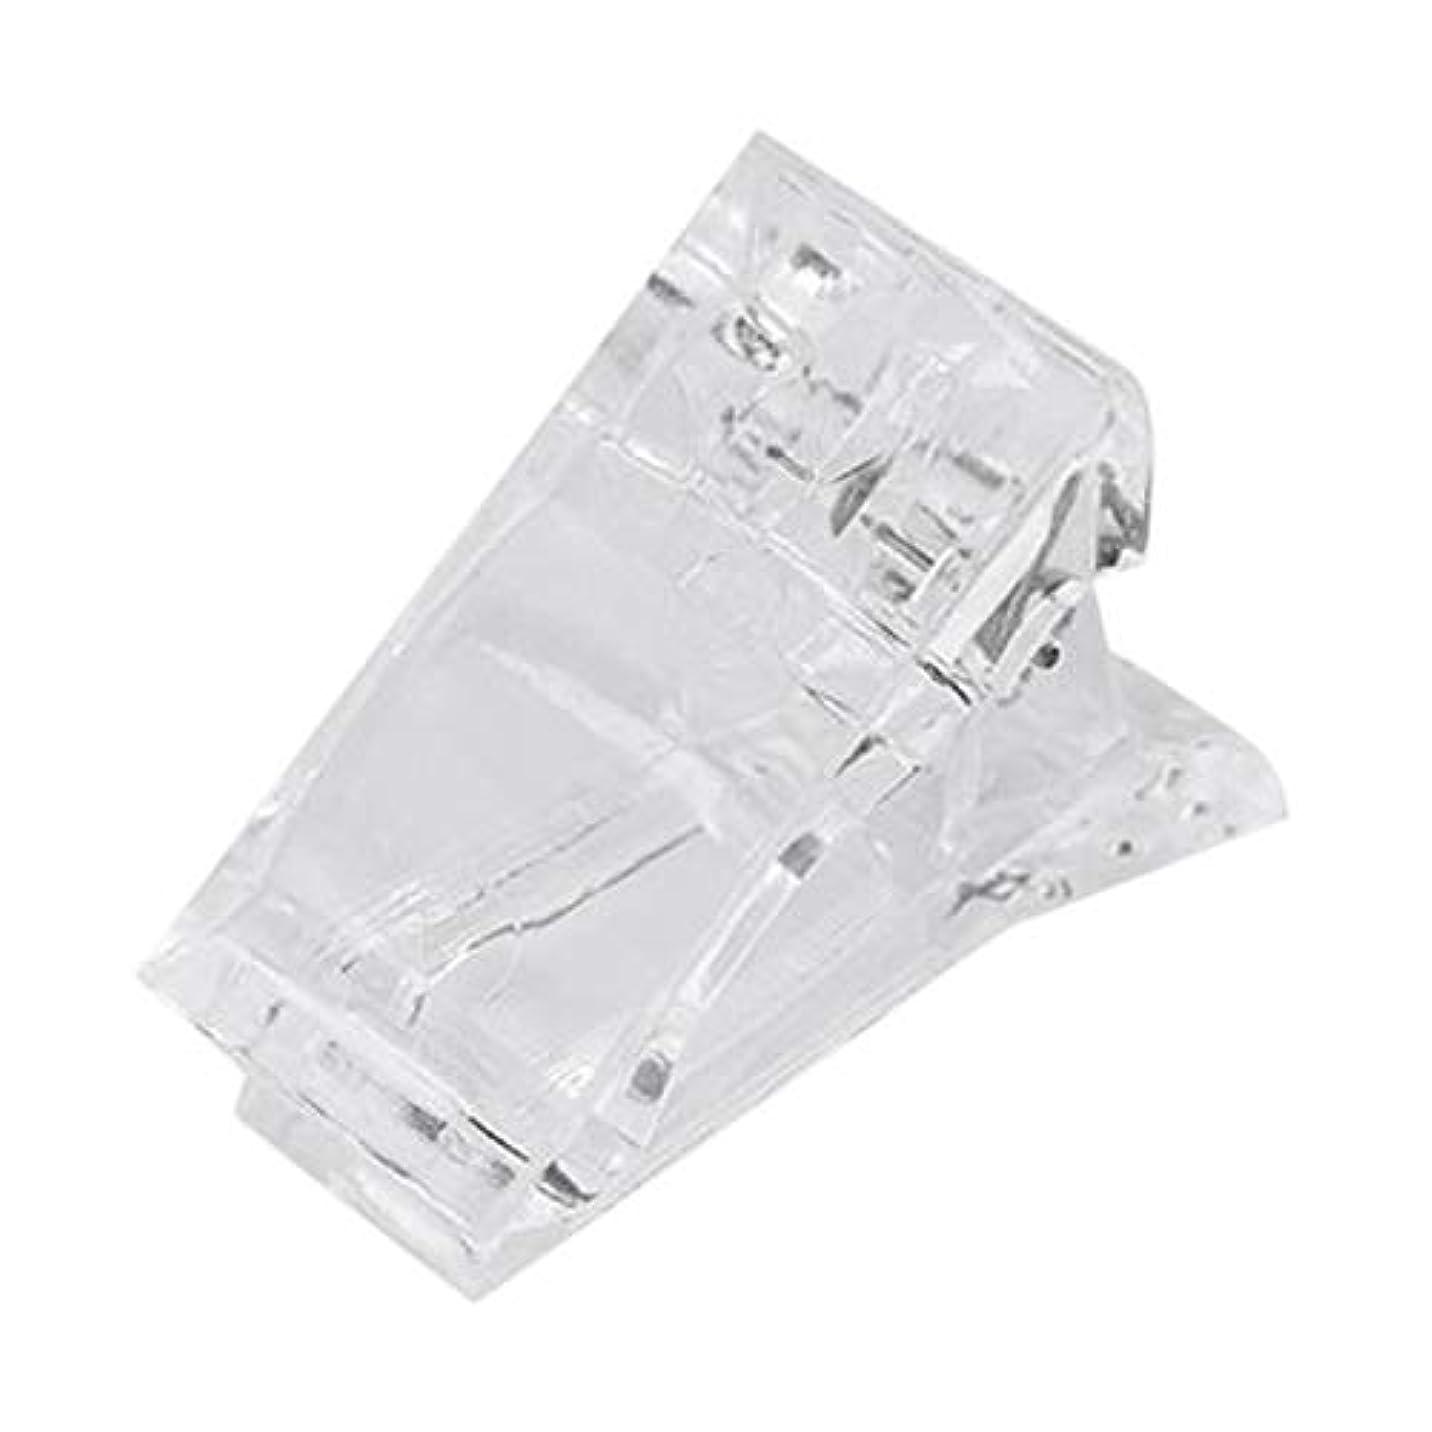 ジョリー拍車箱TOOGOO ネイルのクリップ 透明指ポリクイック ビルディングジェルエクステンション ネイルアート マニキュアツール アクセサリー 偽ネイル